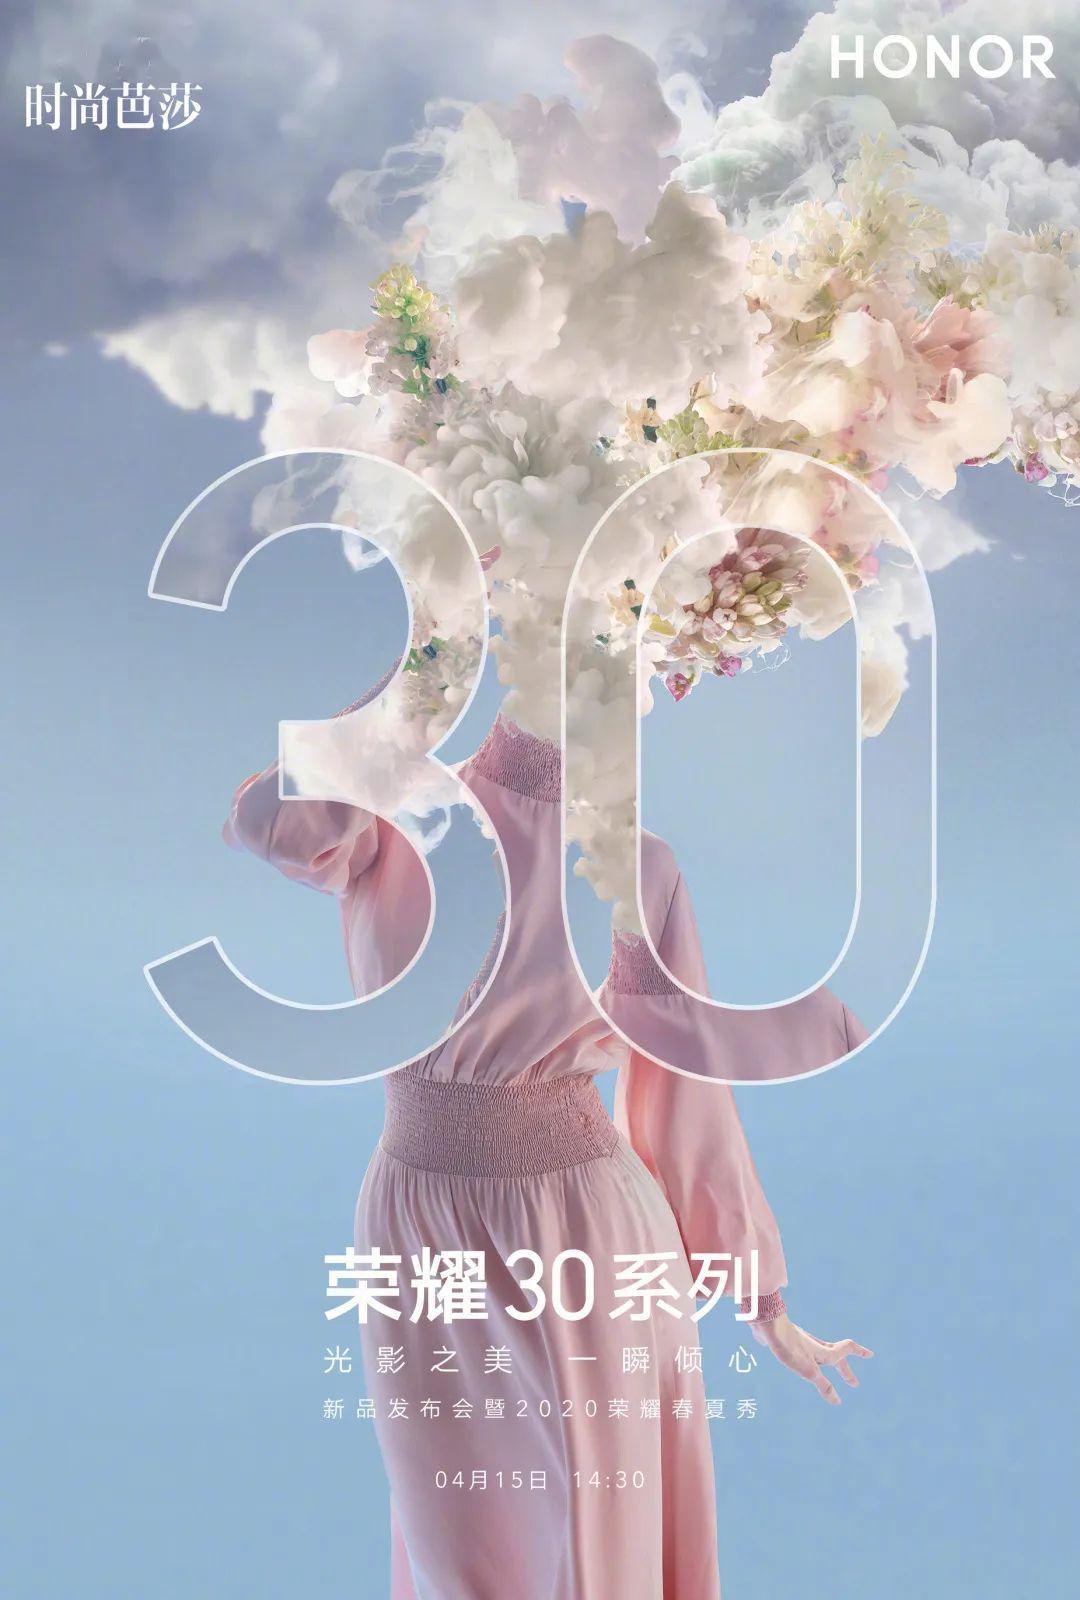 荣耀30系列发布会前再爆料!明天全网100台新机倾心大放送~